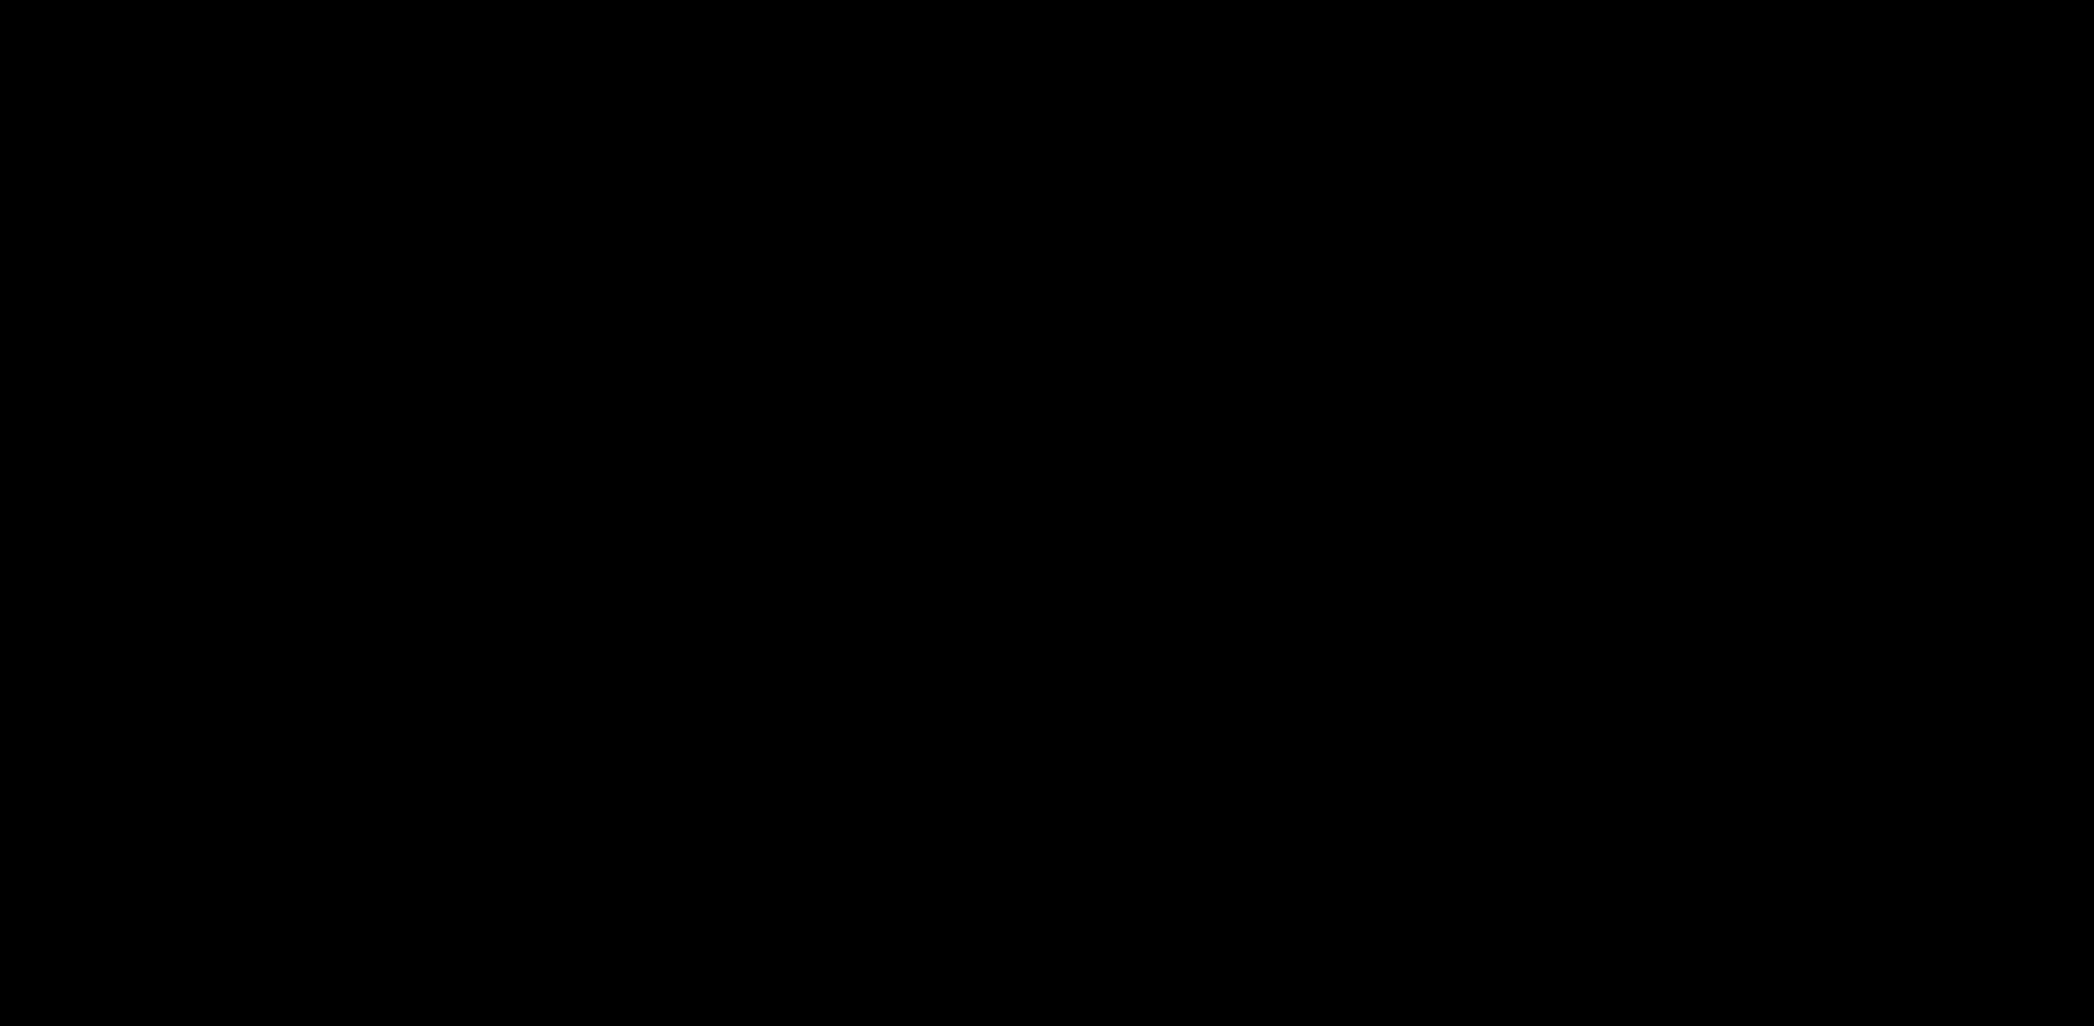 N-Sinapoyl serotonin